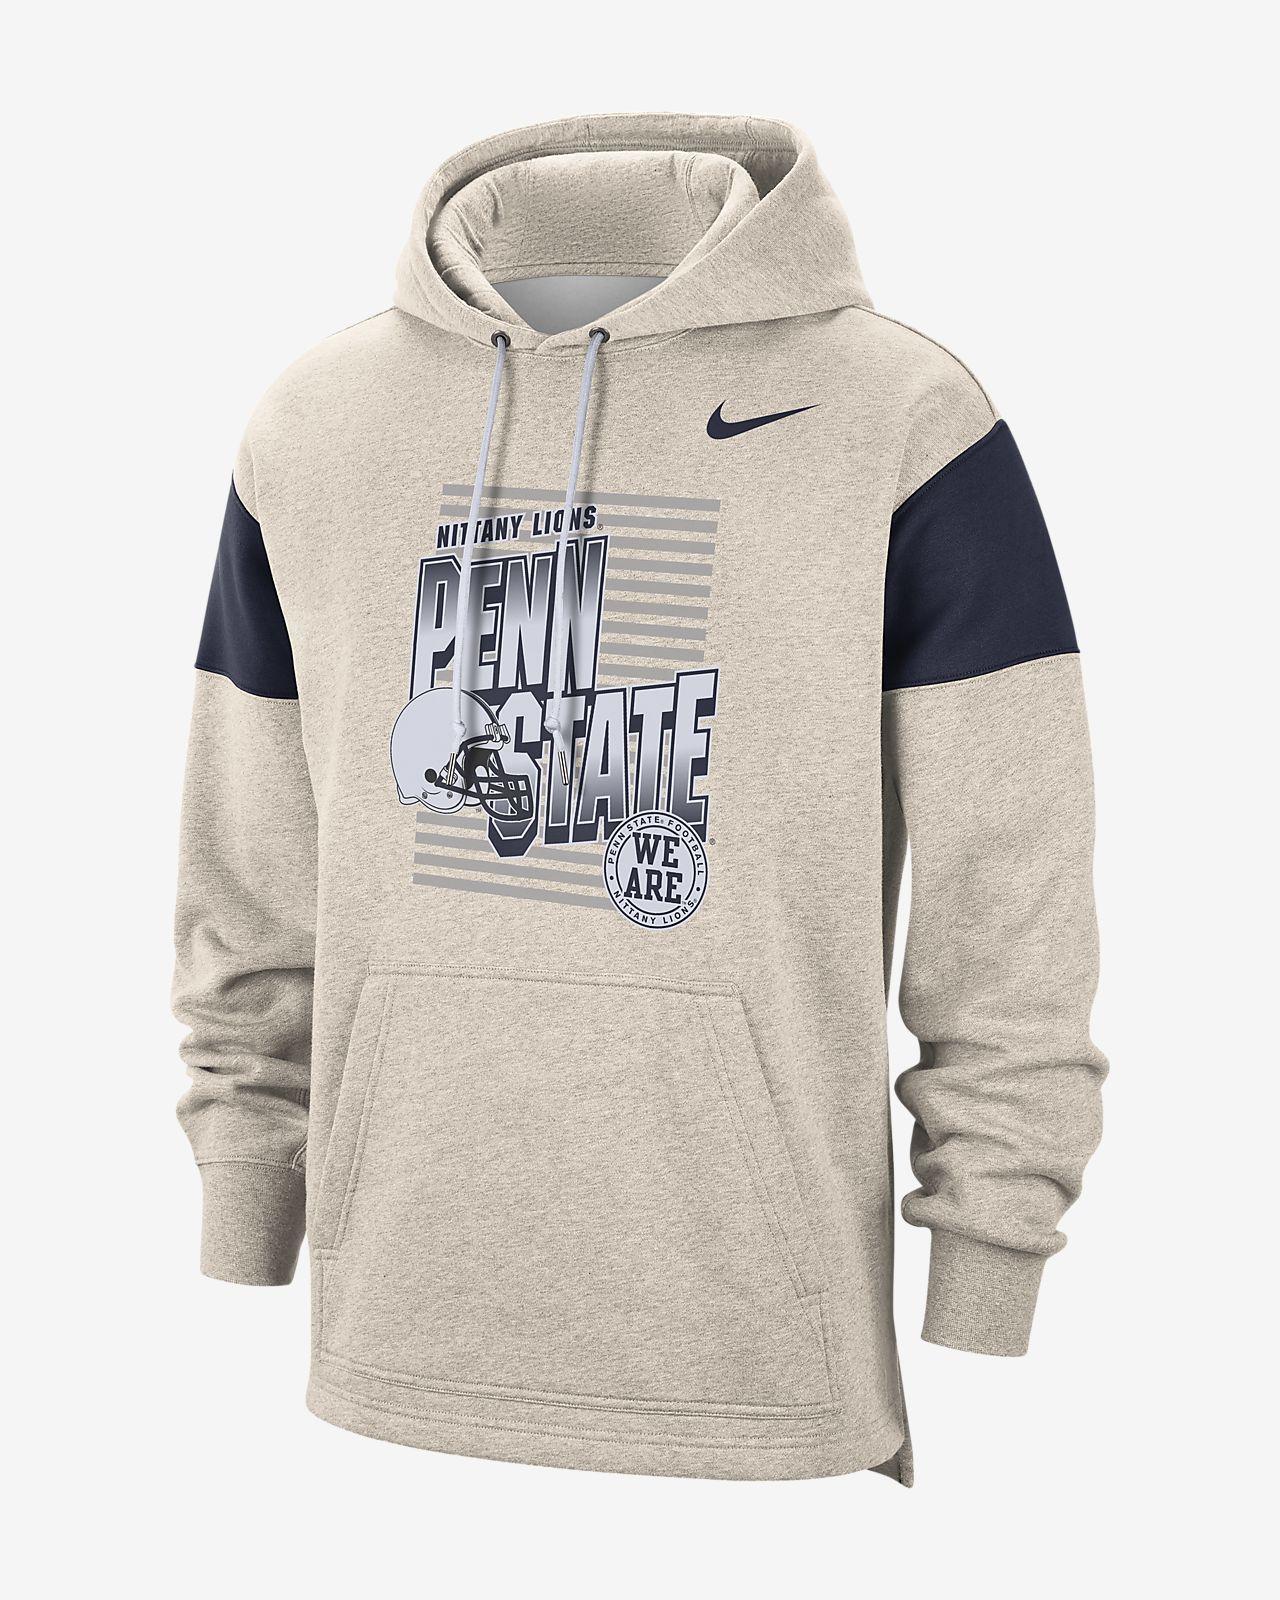 Nike Penn State Hoodie Hoodies men pullover, Hoodies